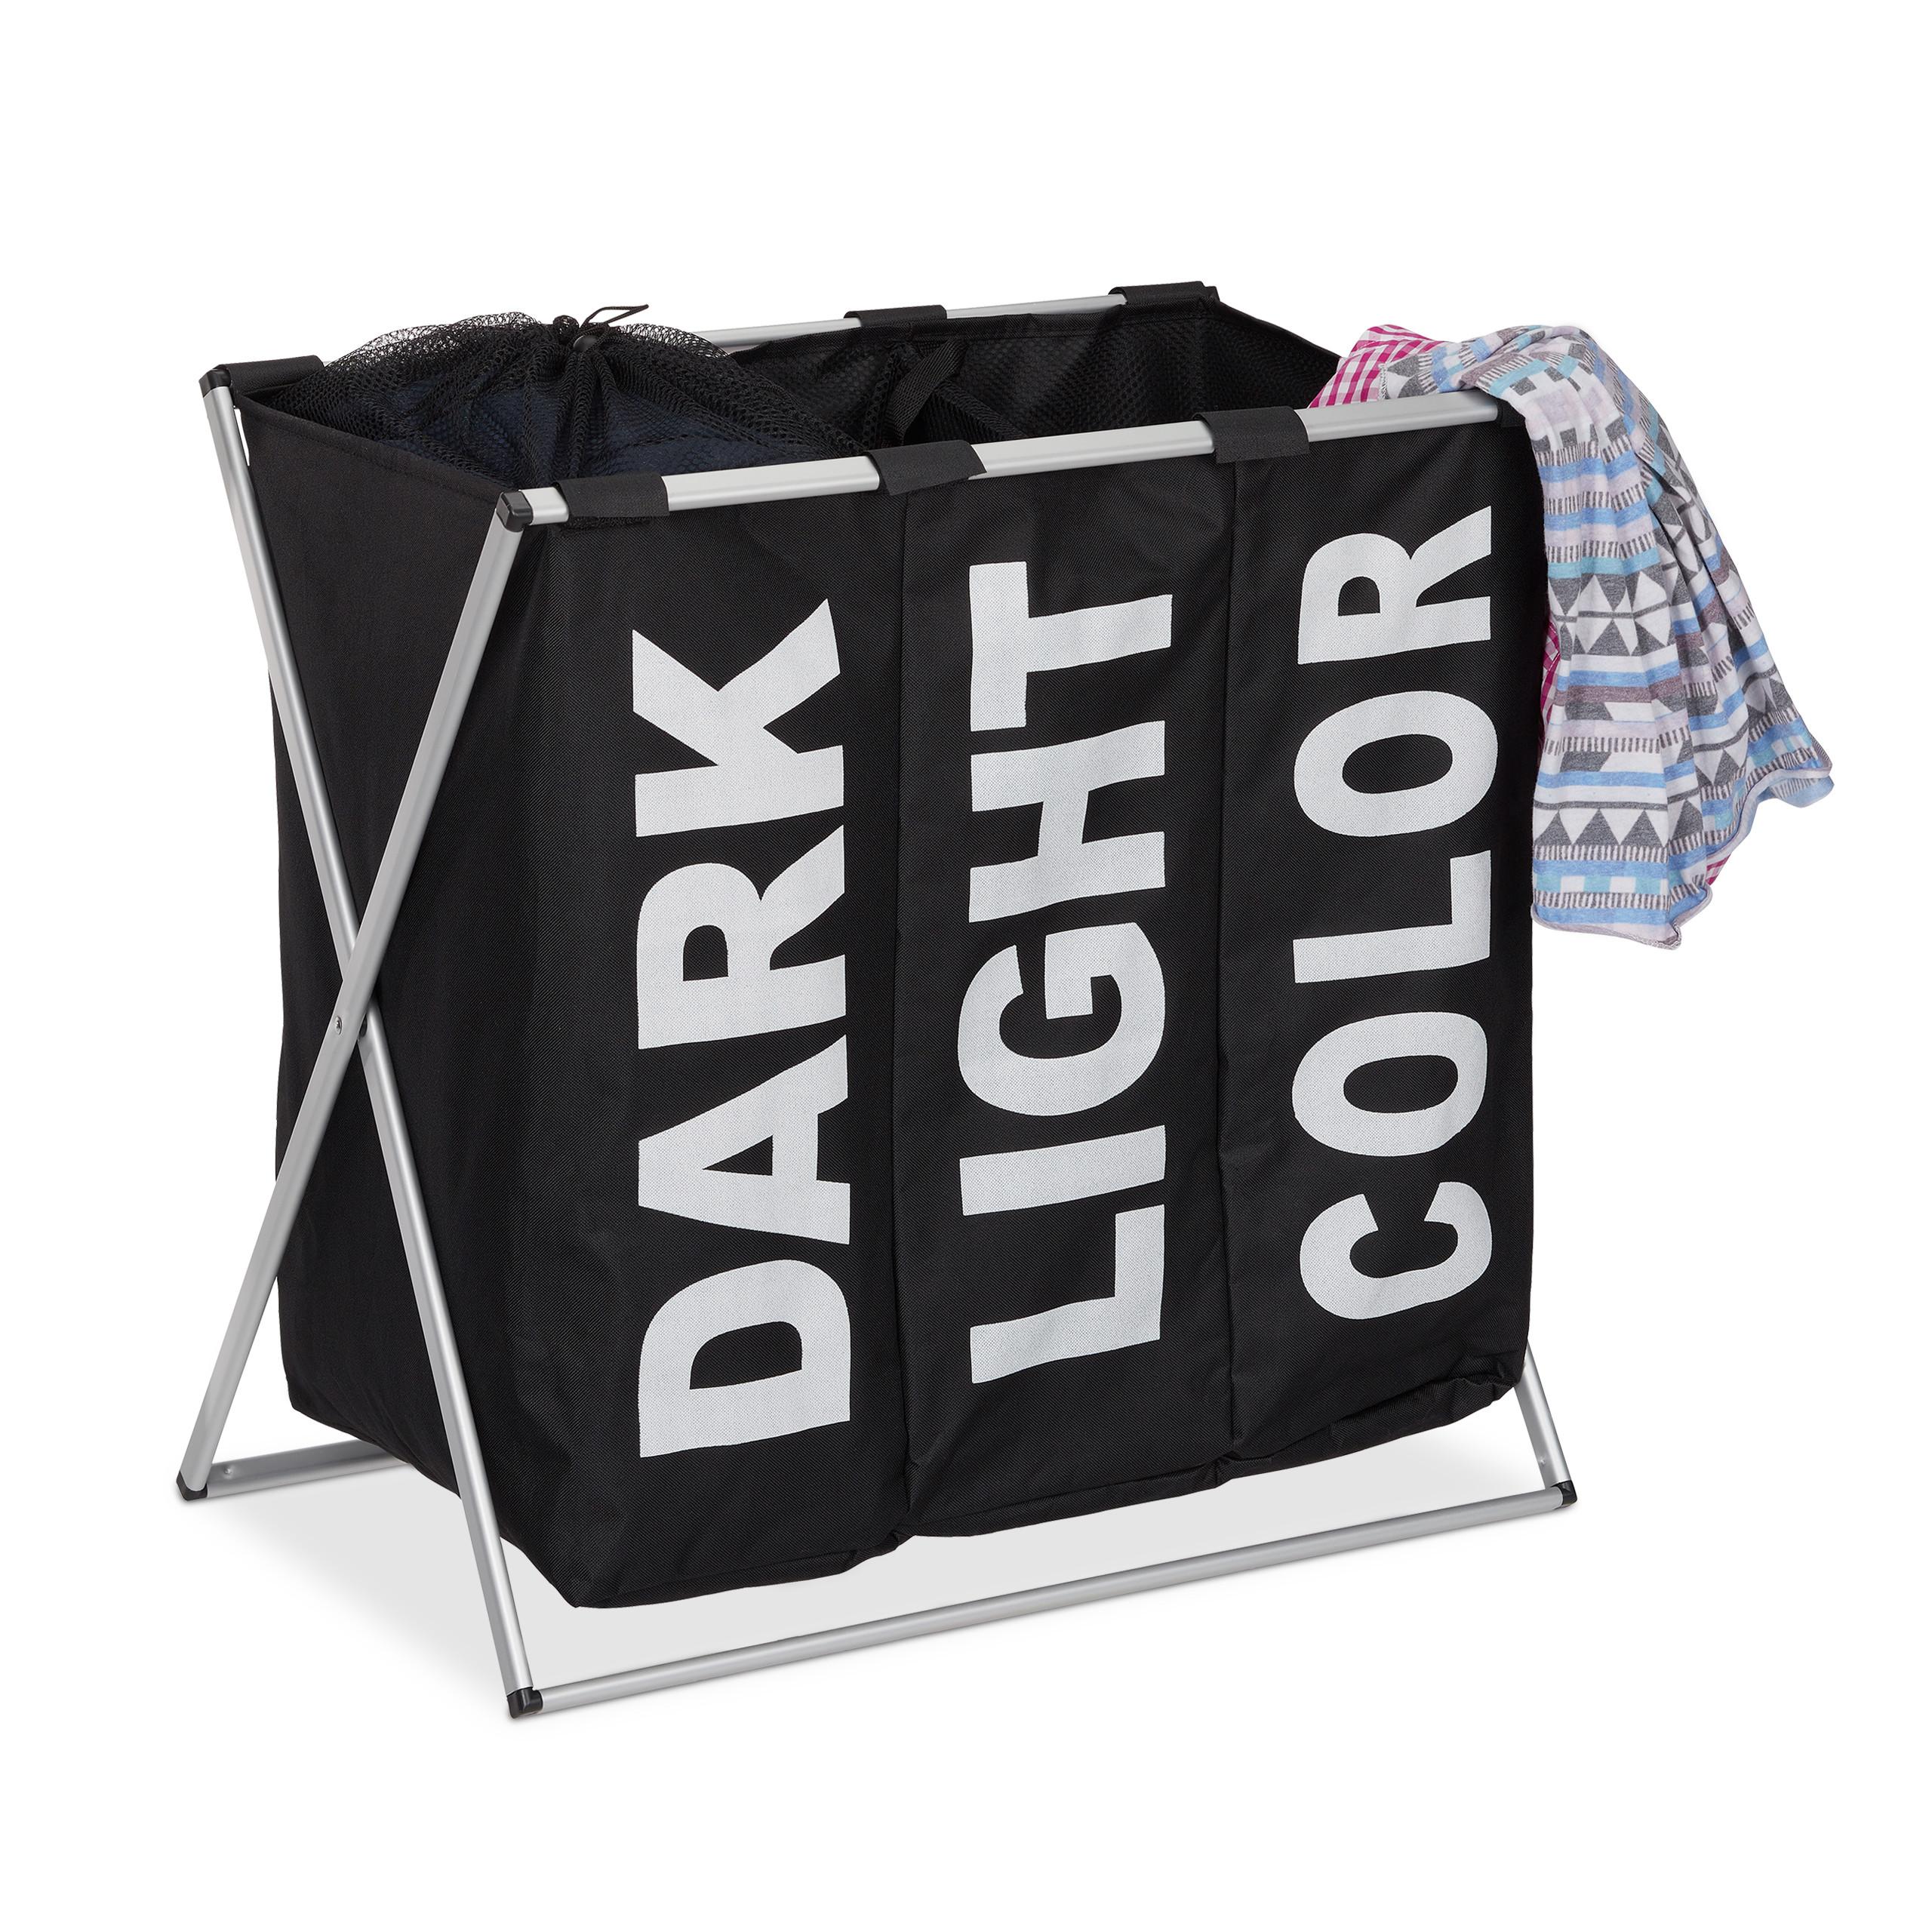 w schesortierer 3 f cher 90l klappgestell w schekorb w schesammler w schekiste. Black Bedroom Furniture Sets. Home Design Ideas